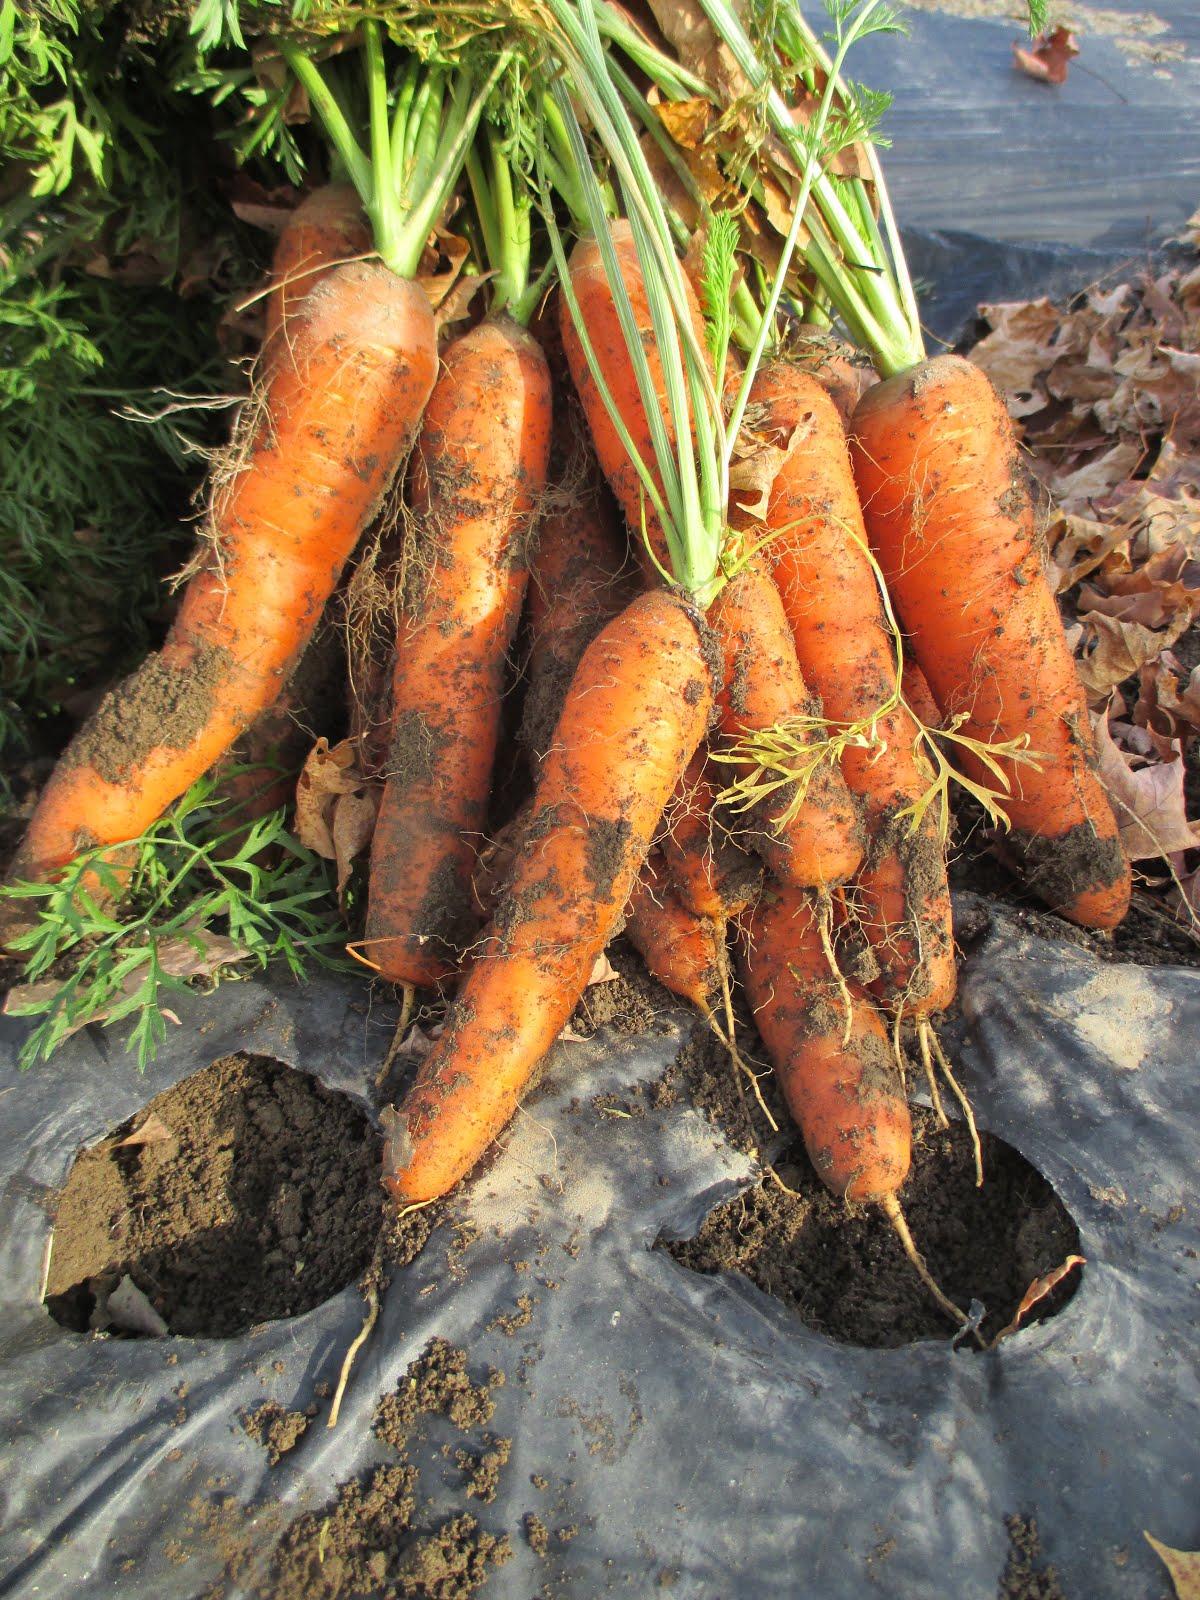 gardening essay writing whizbang gardening essay on my garden in  home ۠gardening essay writing whizbang gardening whizbang gardening whizbang gardening now has a facebook page